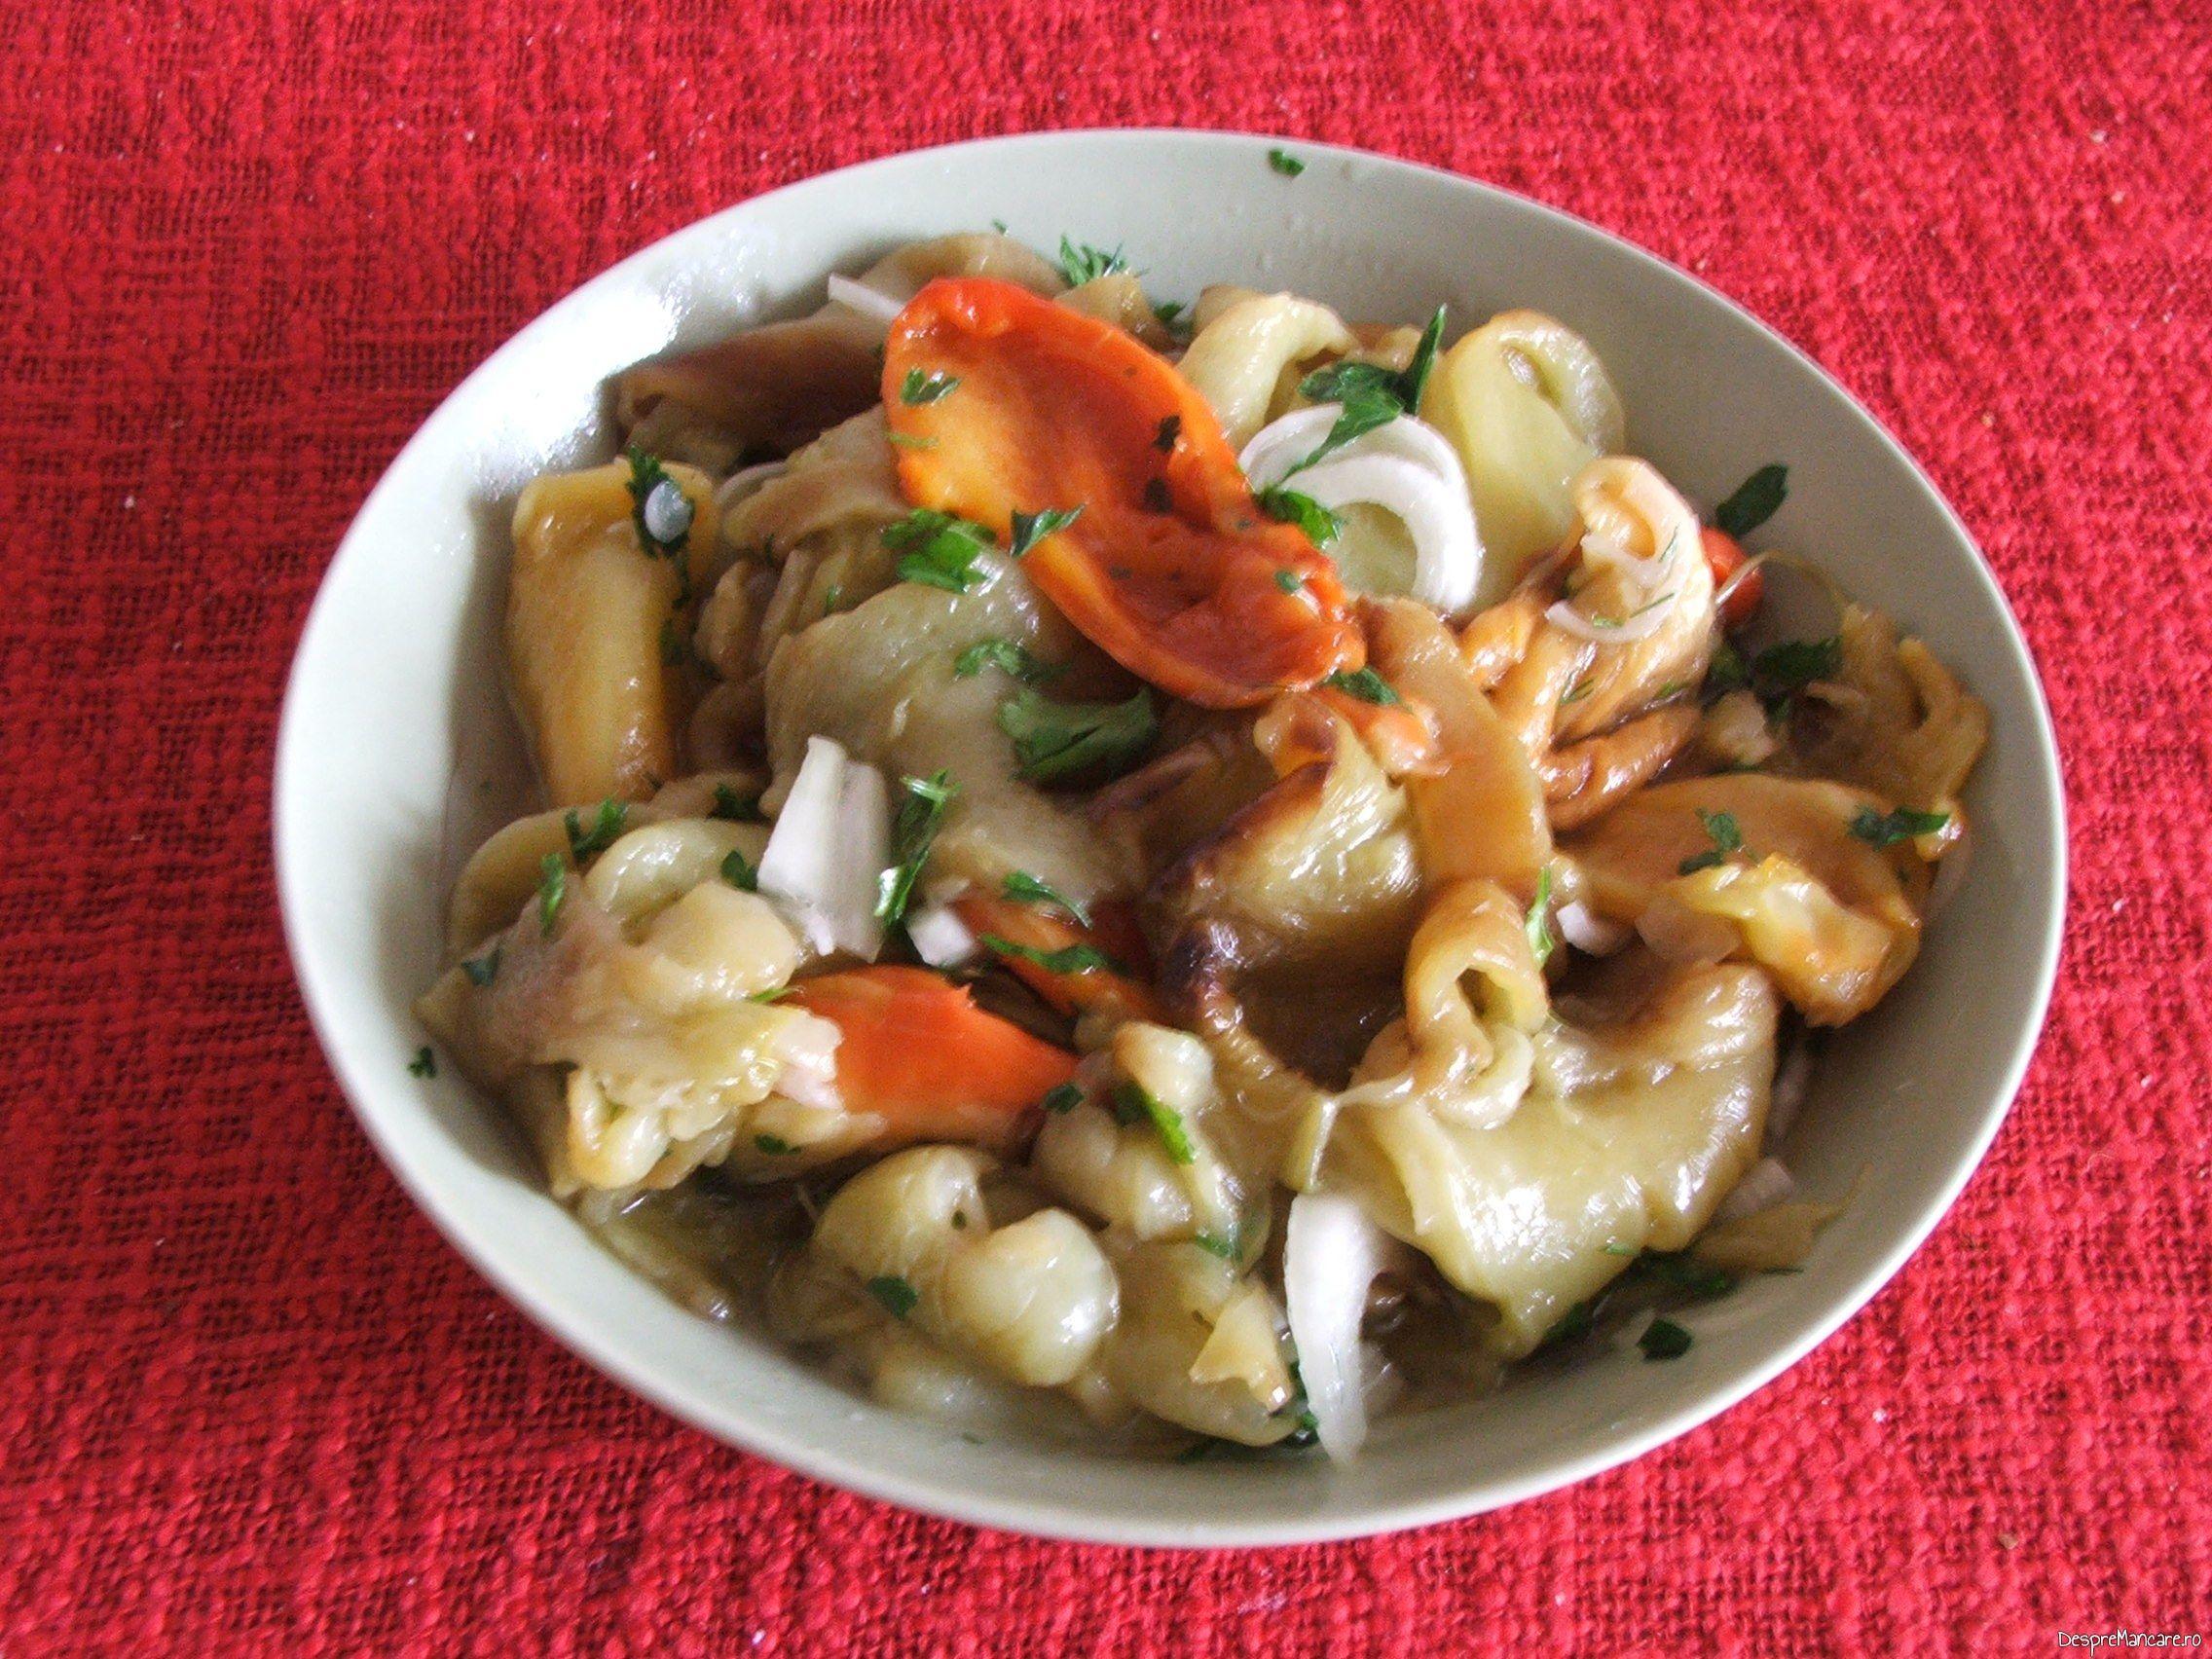 Salata de ardei copti, cu ceapa servita la friptura de pui/ curcan, cu garnitura de chiftelute din legume, la cuptor.